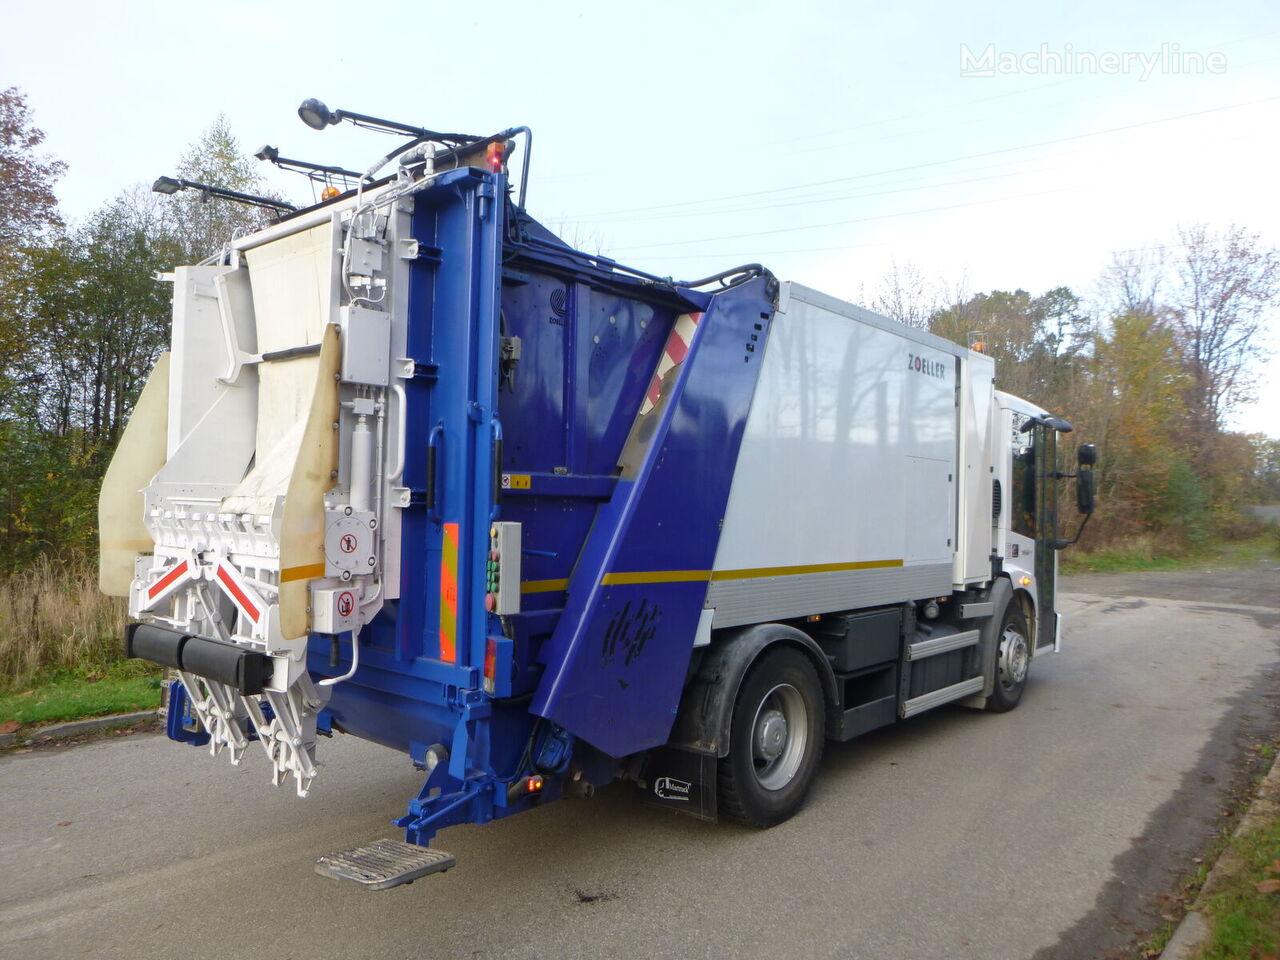 MERCEDES-BENZ Econic sprzedaż/wynajem, gwarancja, umowa serwisowa garbage truck